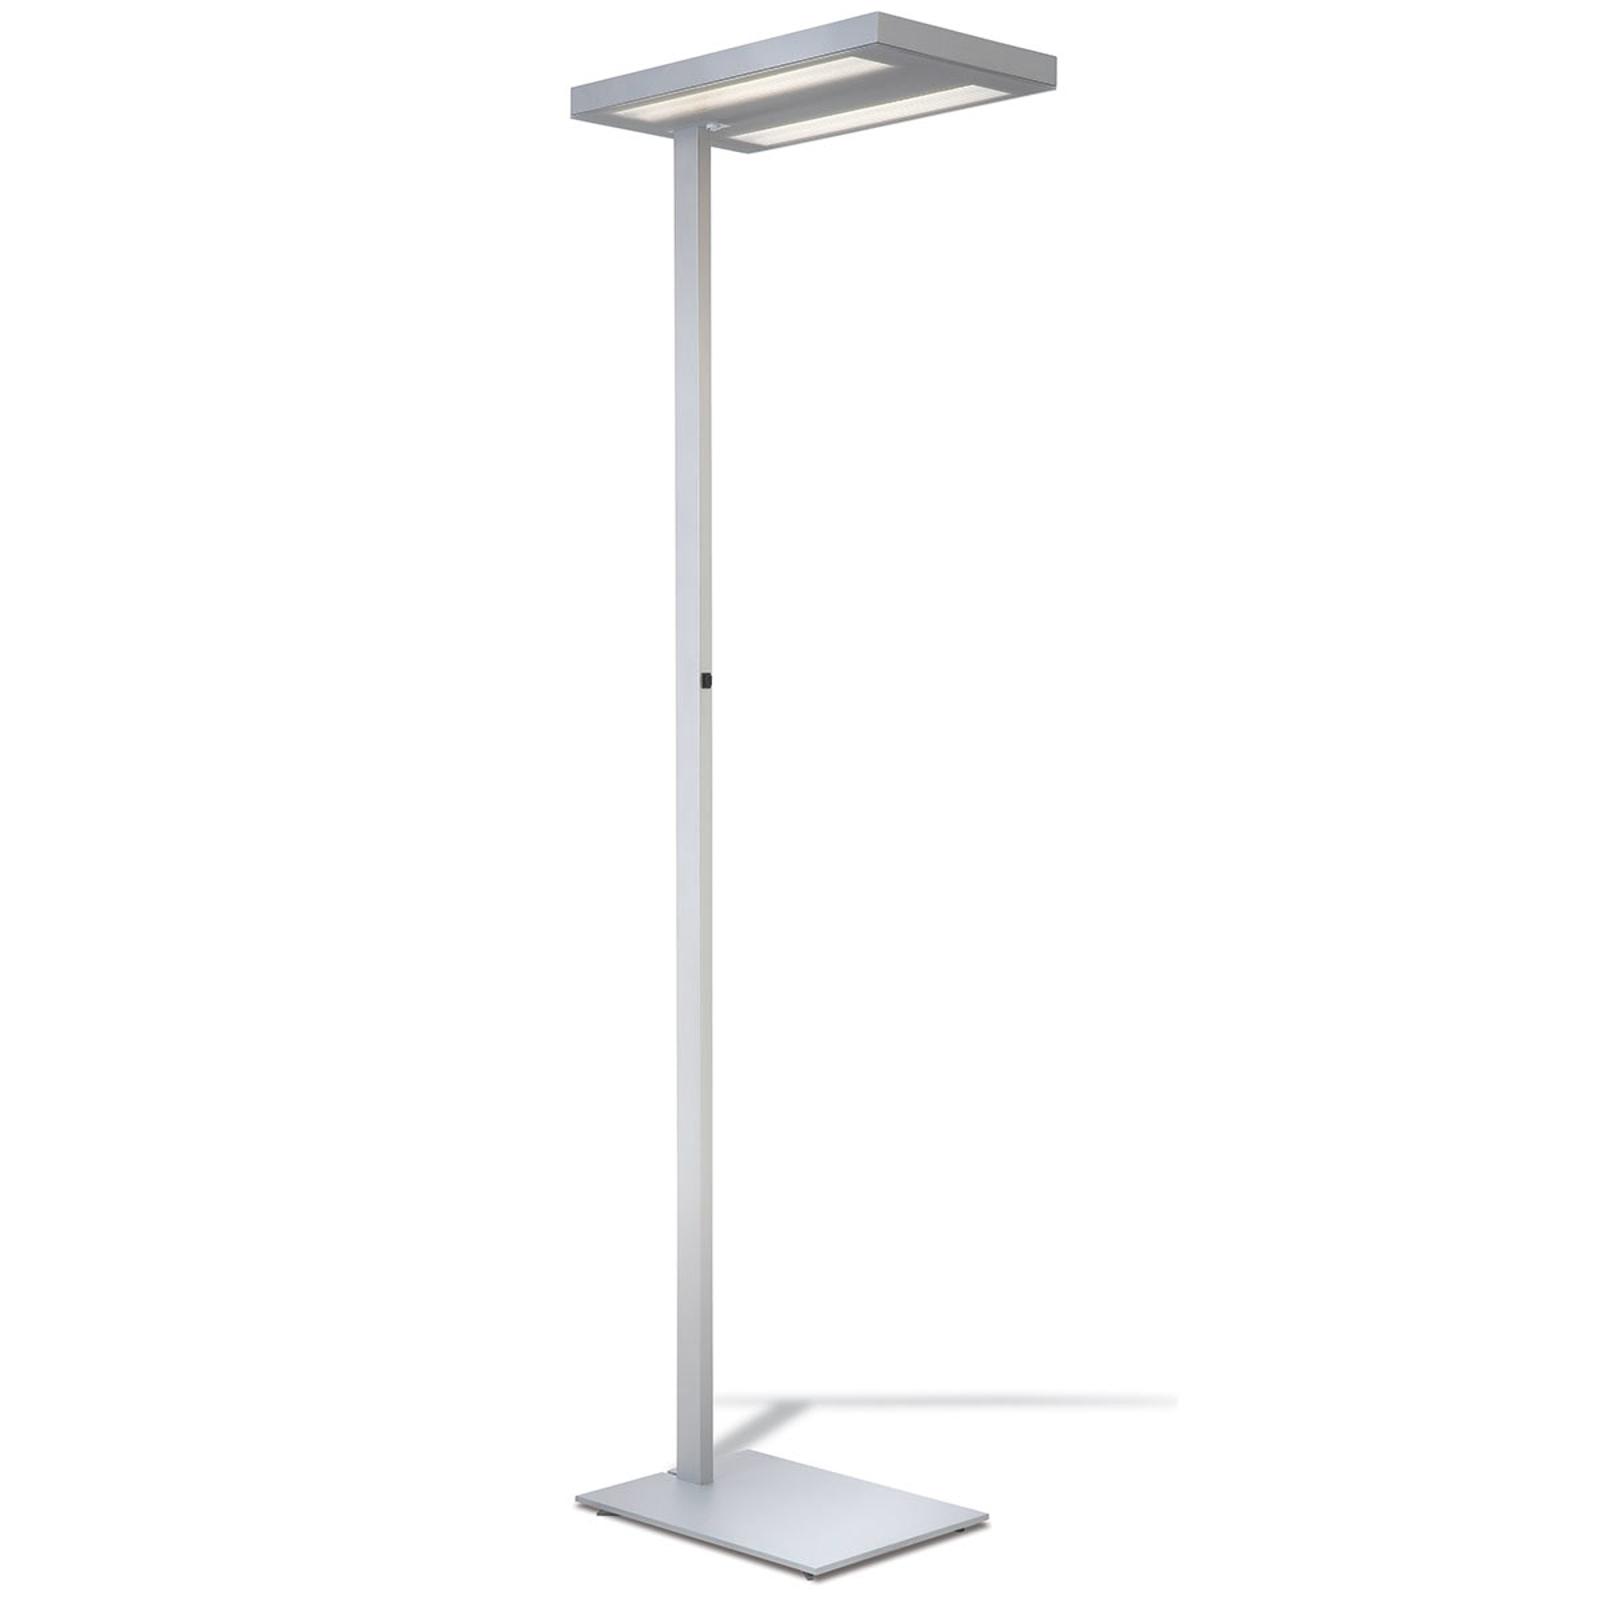 Kancelářská stojací lampa Free Floor bílá